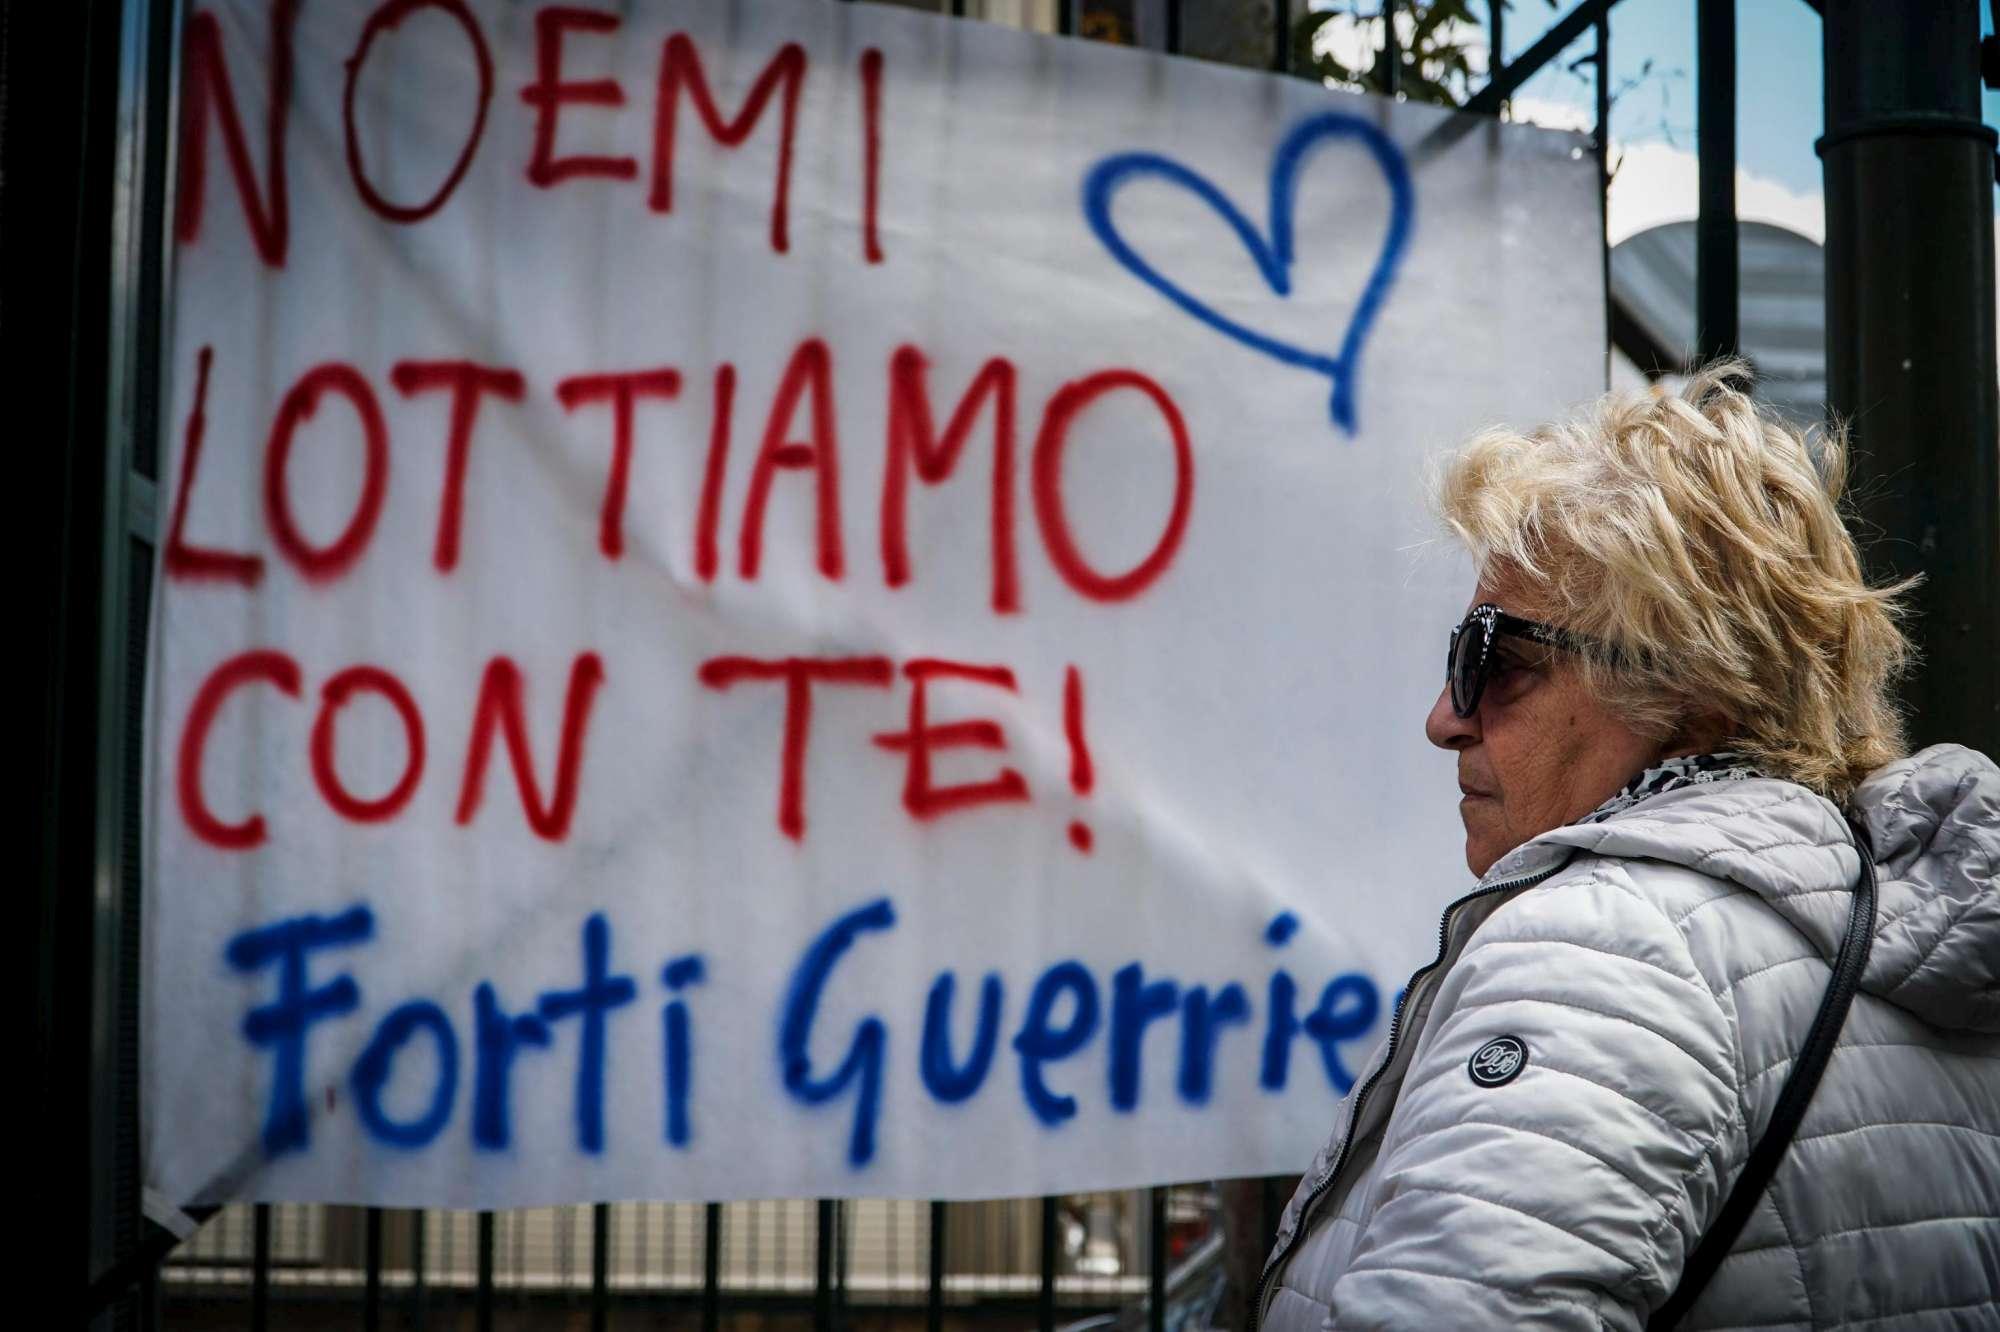 Napoli, la piccola Noemi torna a casa: messaggi di affetto fuori dall ospedale